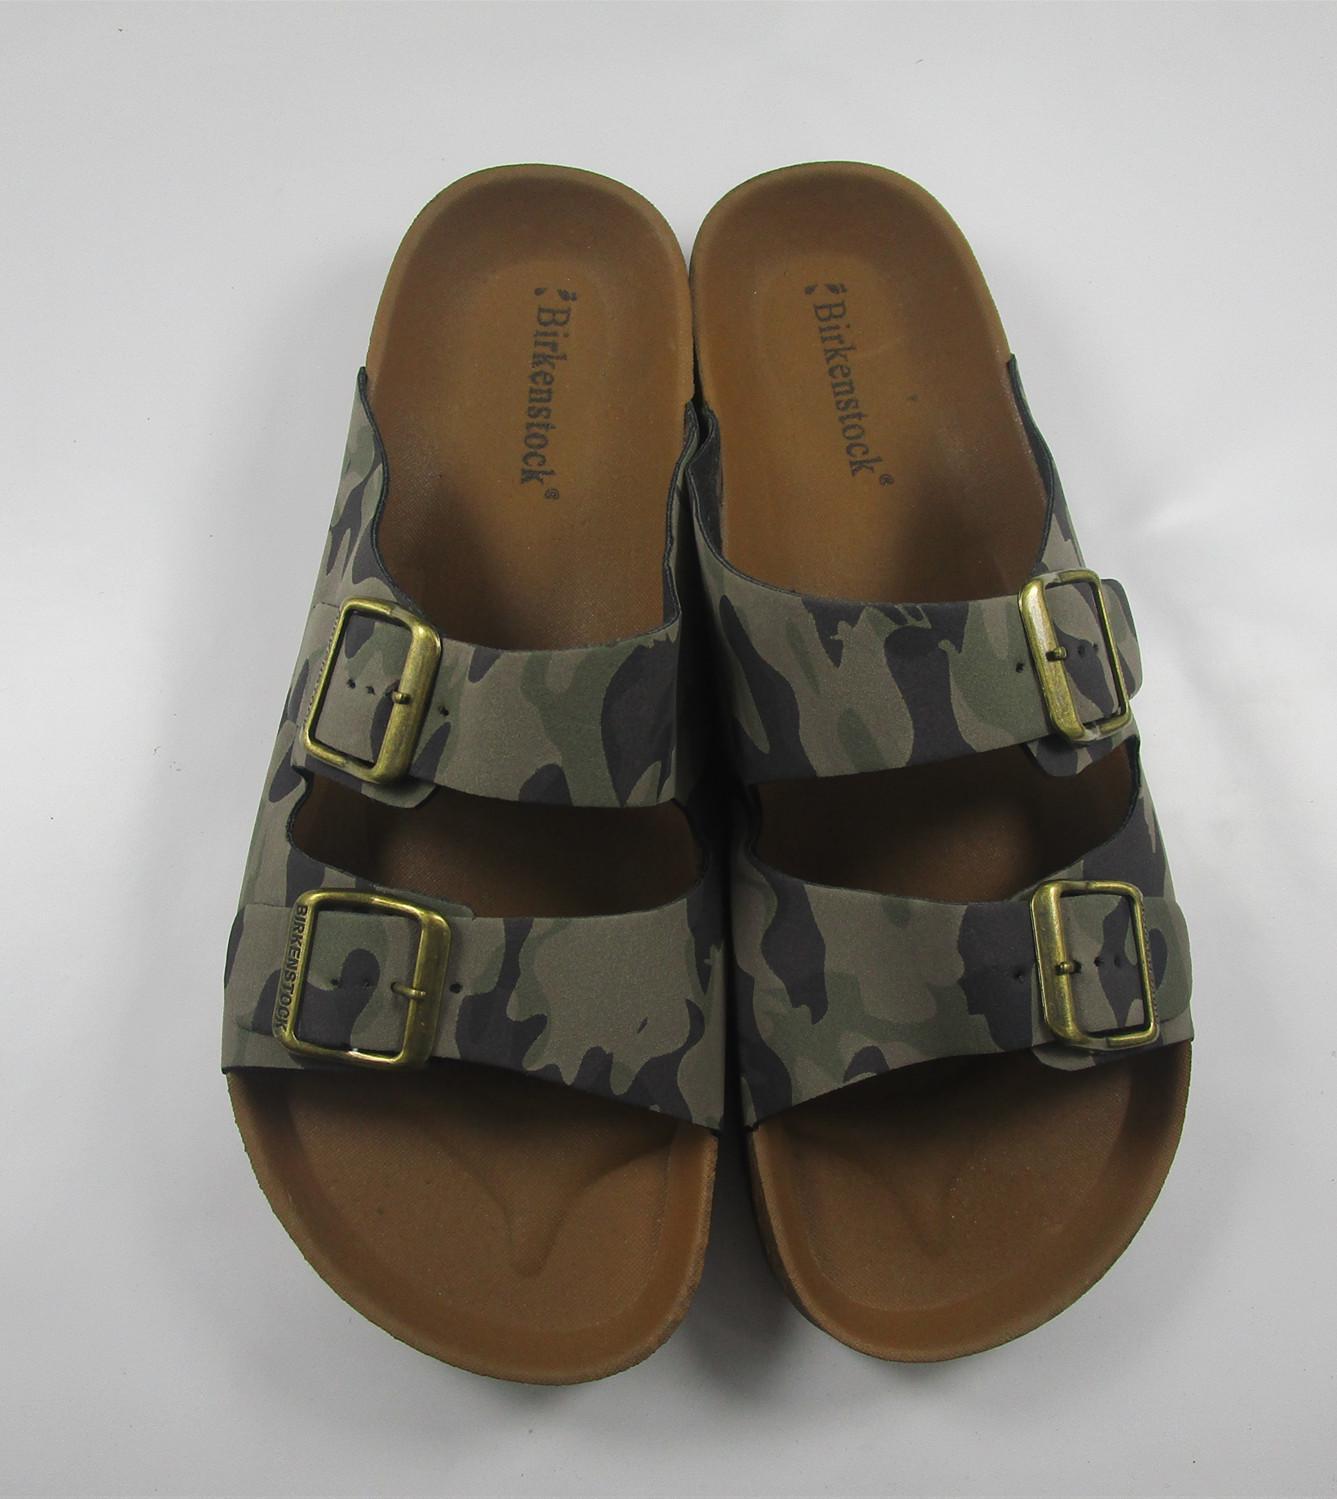 acffaf7de72ee4 Slide Shoes for Women for sale - Womens Slides online brands